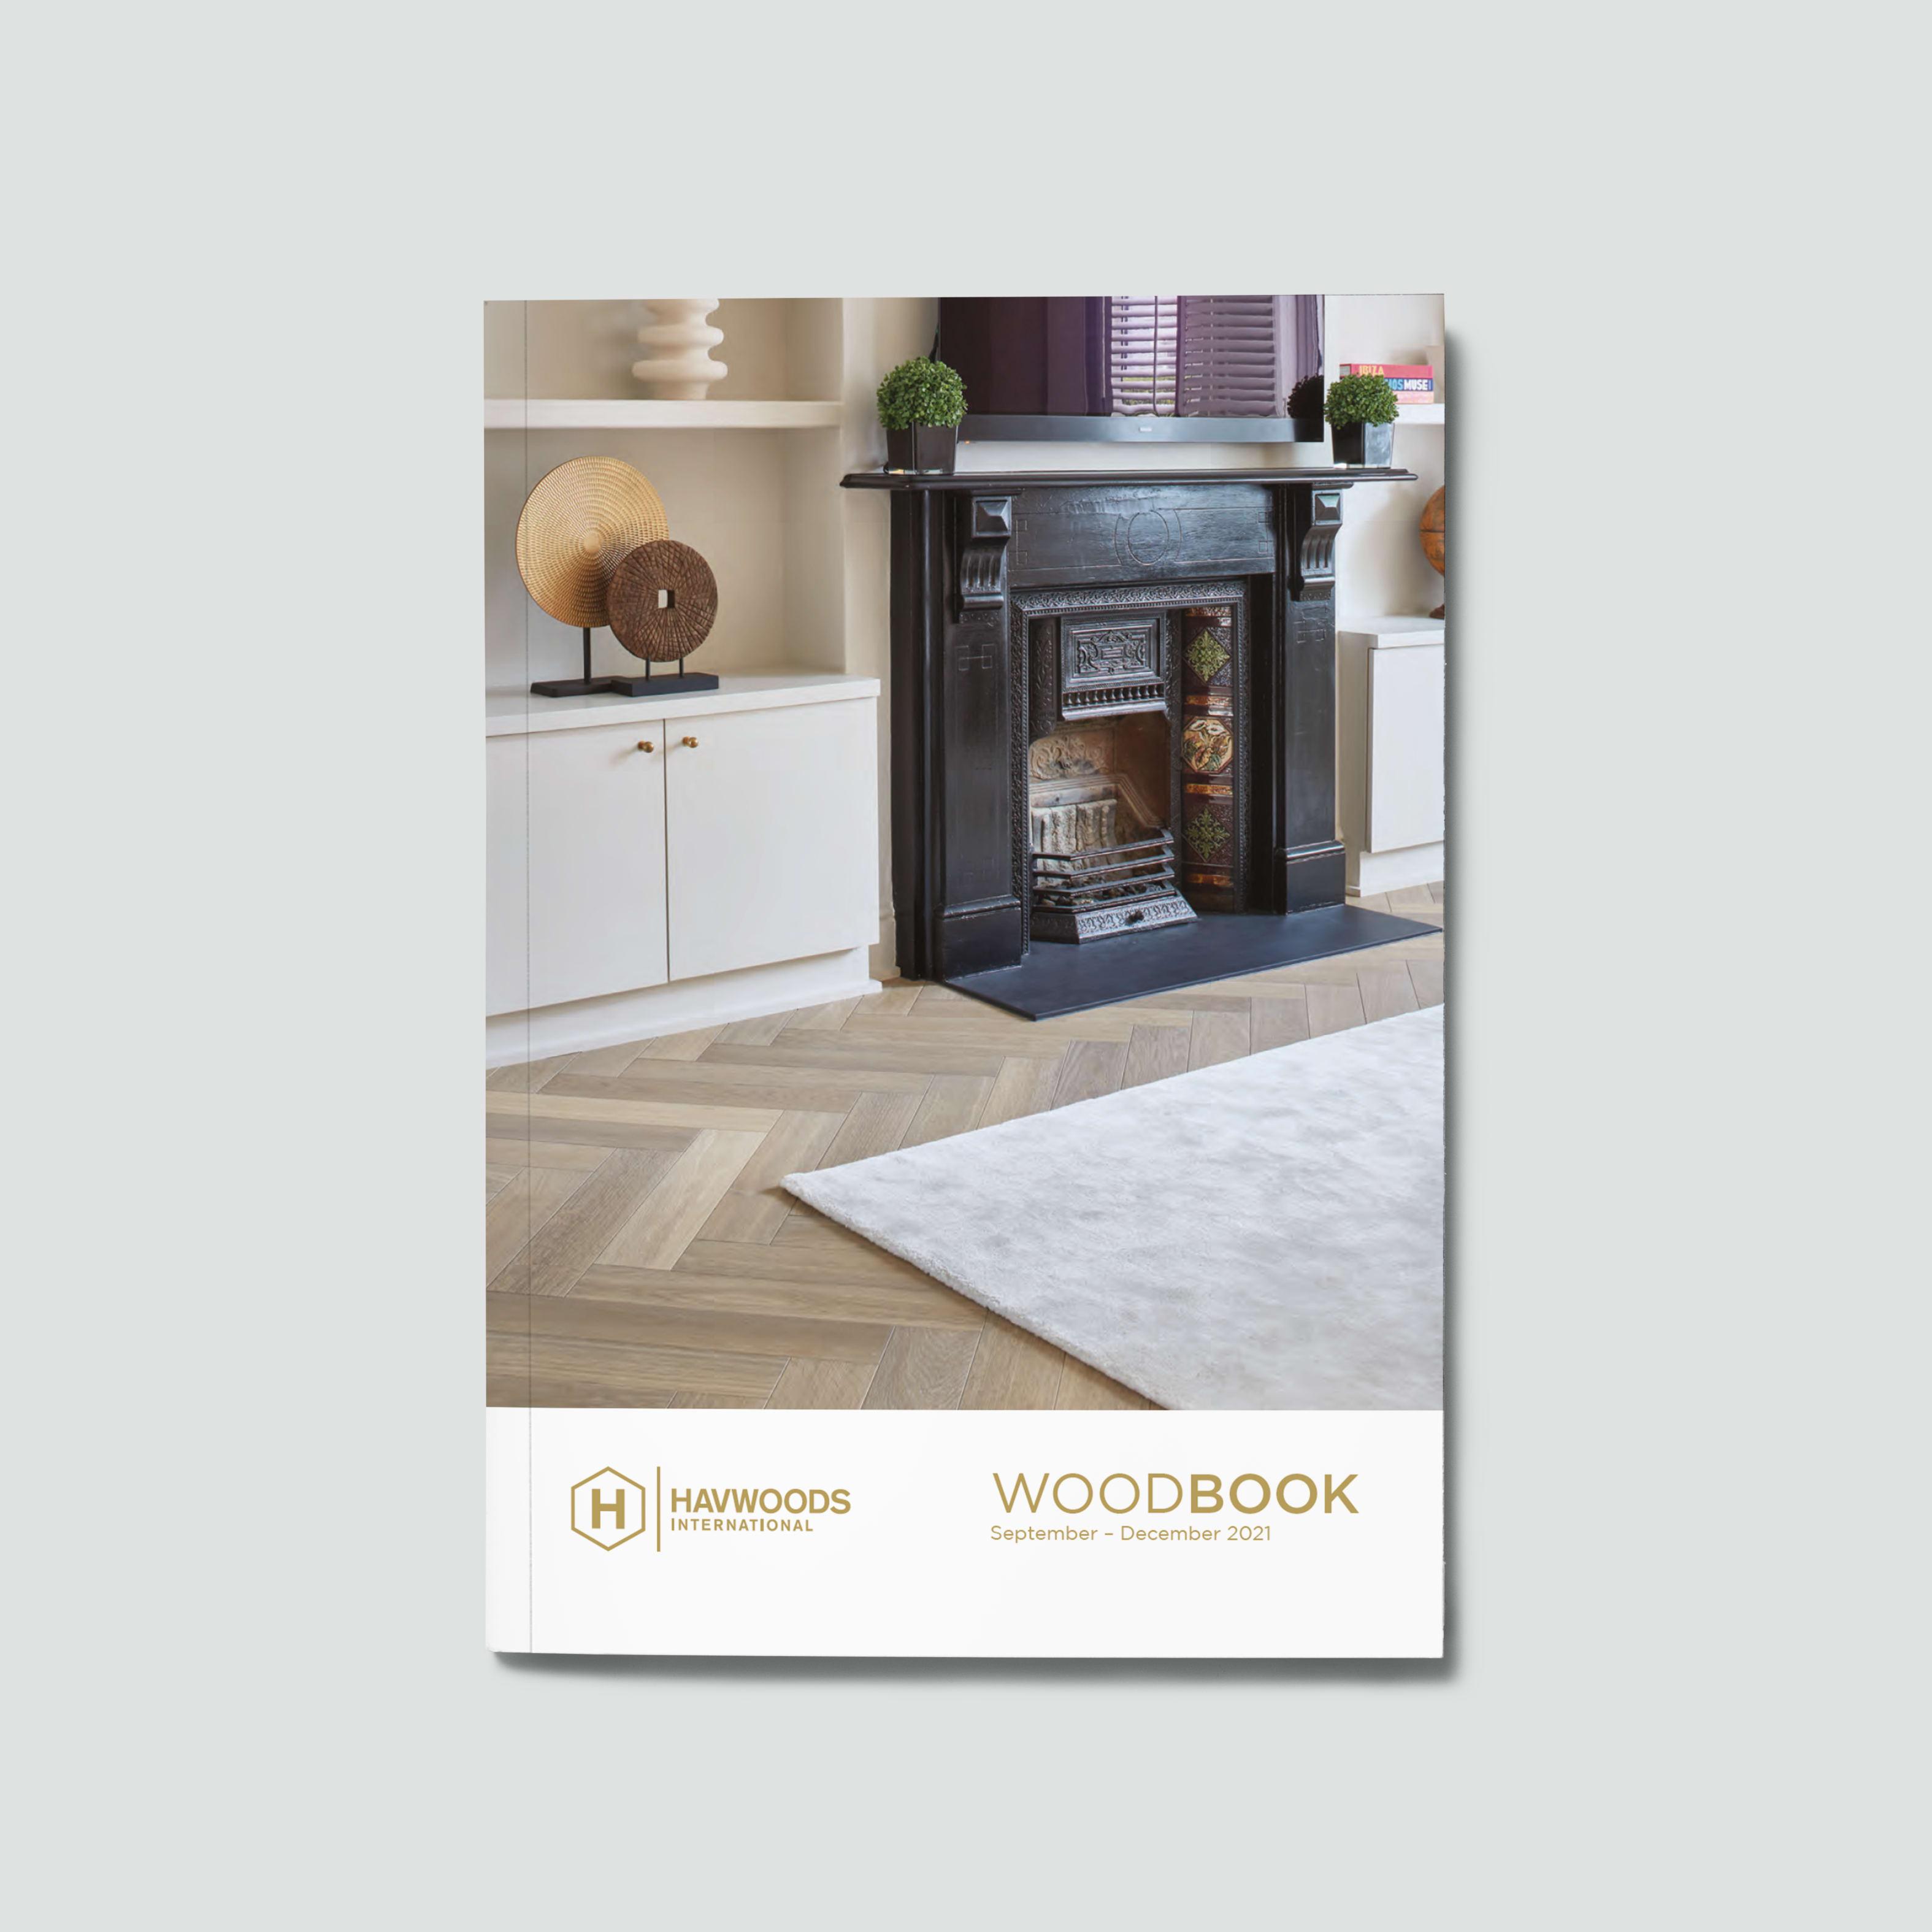 Wood Book | Havwoods